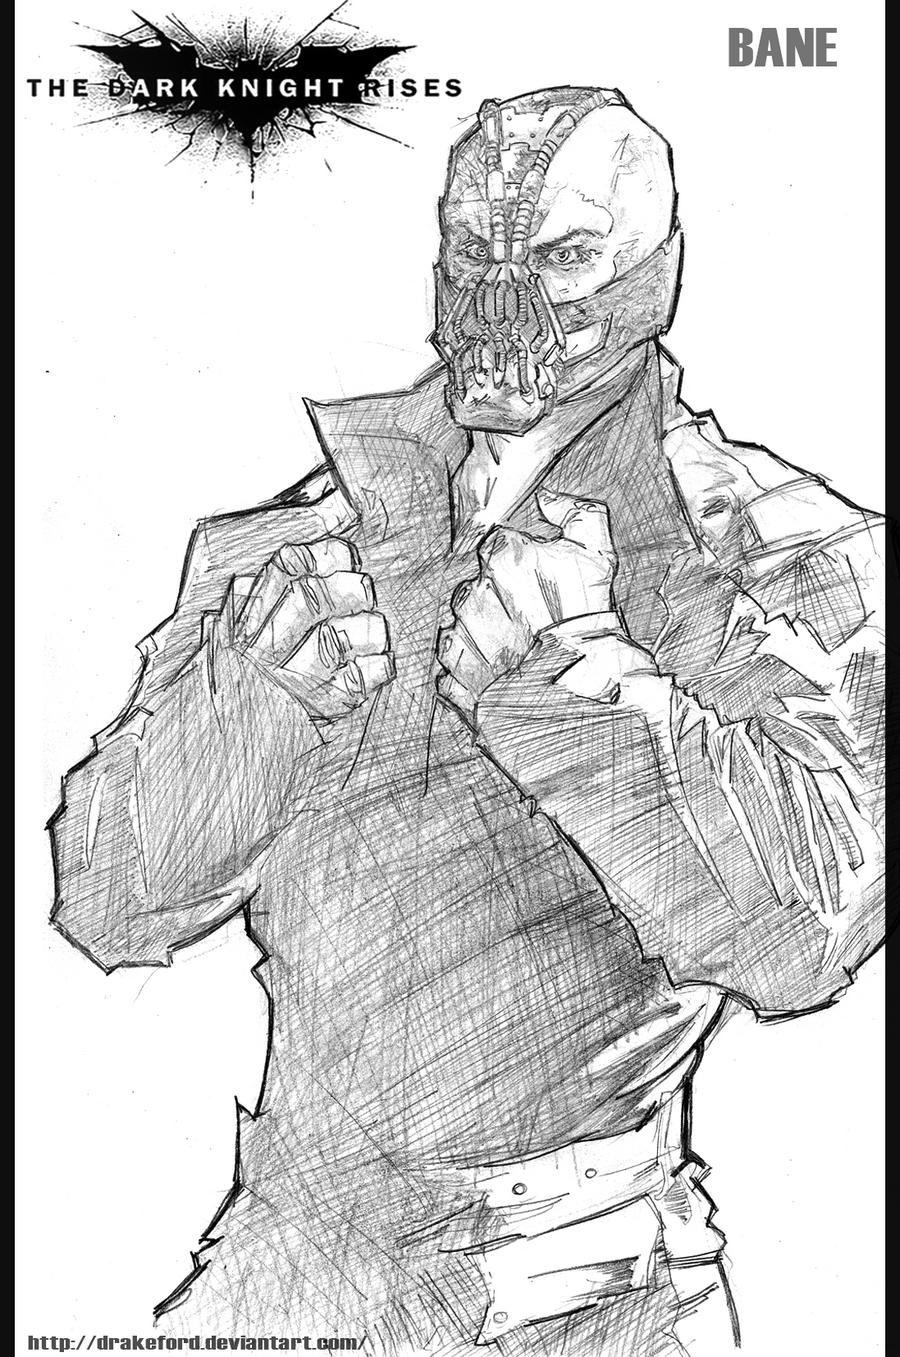 Batman dark knight coloring pages - Batman Rises Coloring Pages Bane_the Dark Knight Rises By Drakeford Bane_the Dark Knight Rises By